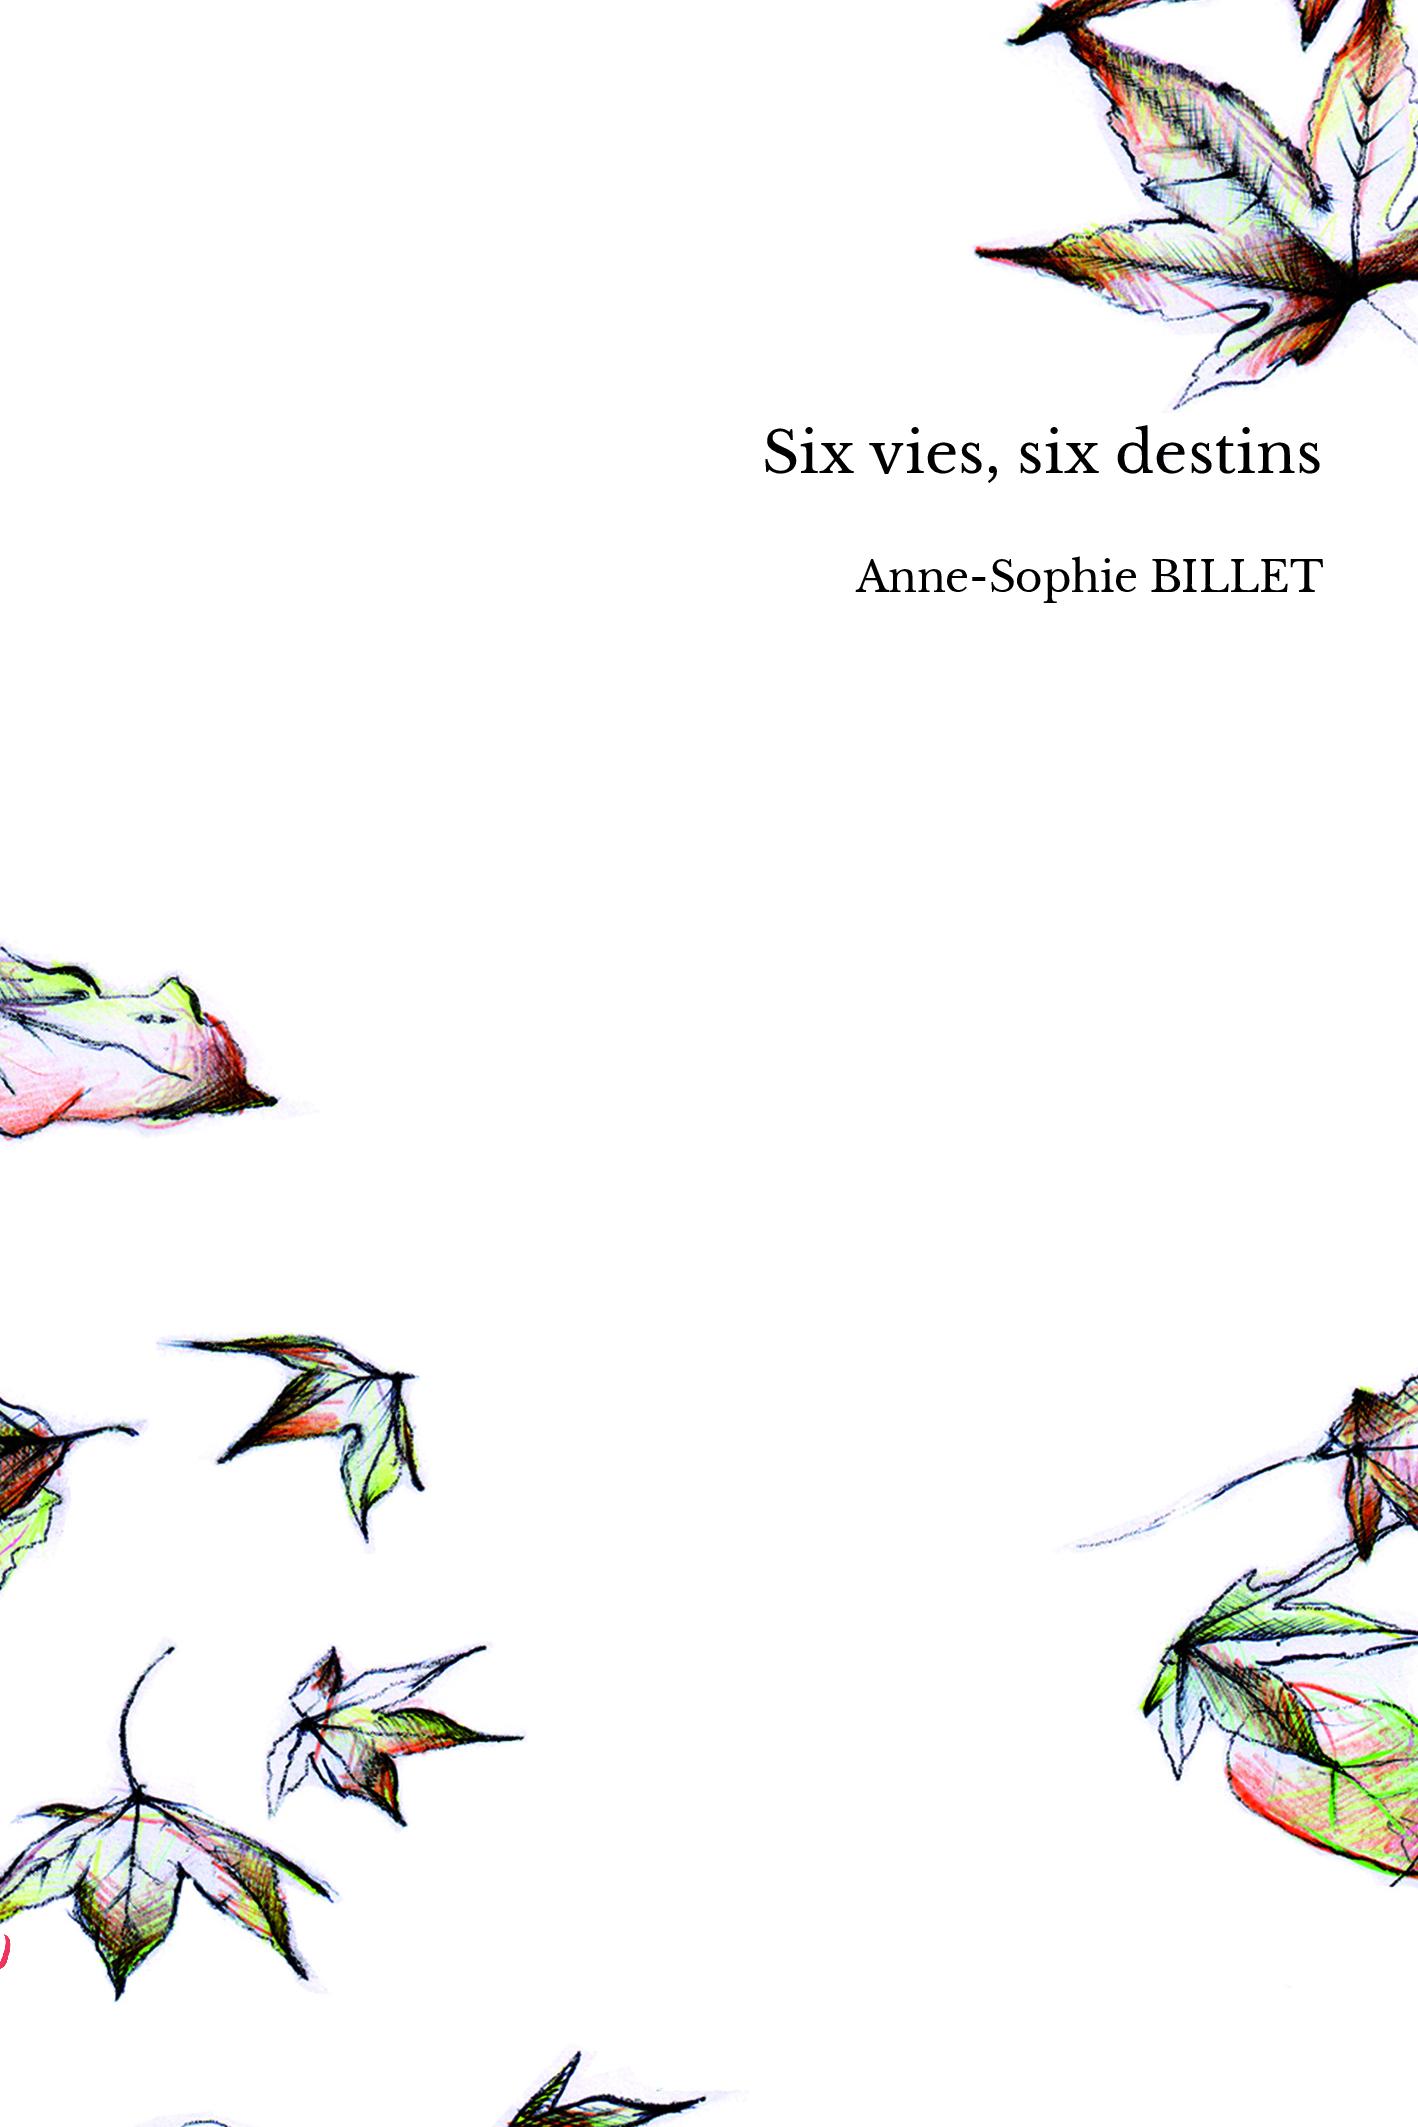 Six vies, six destins